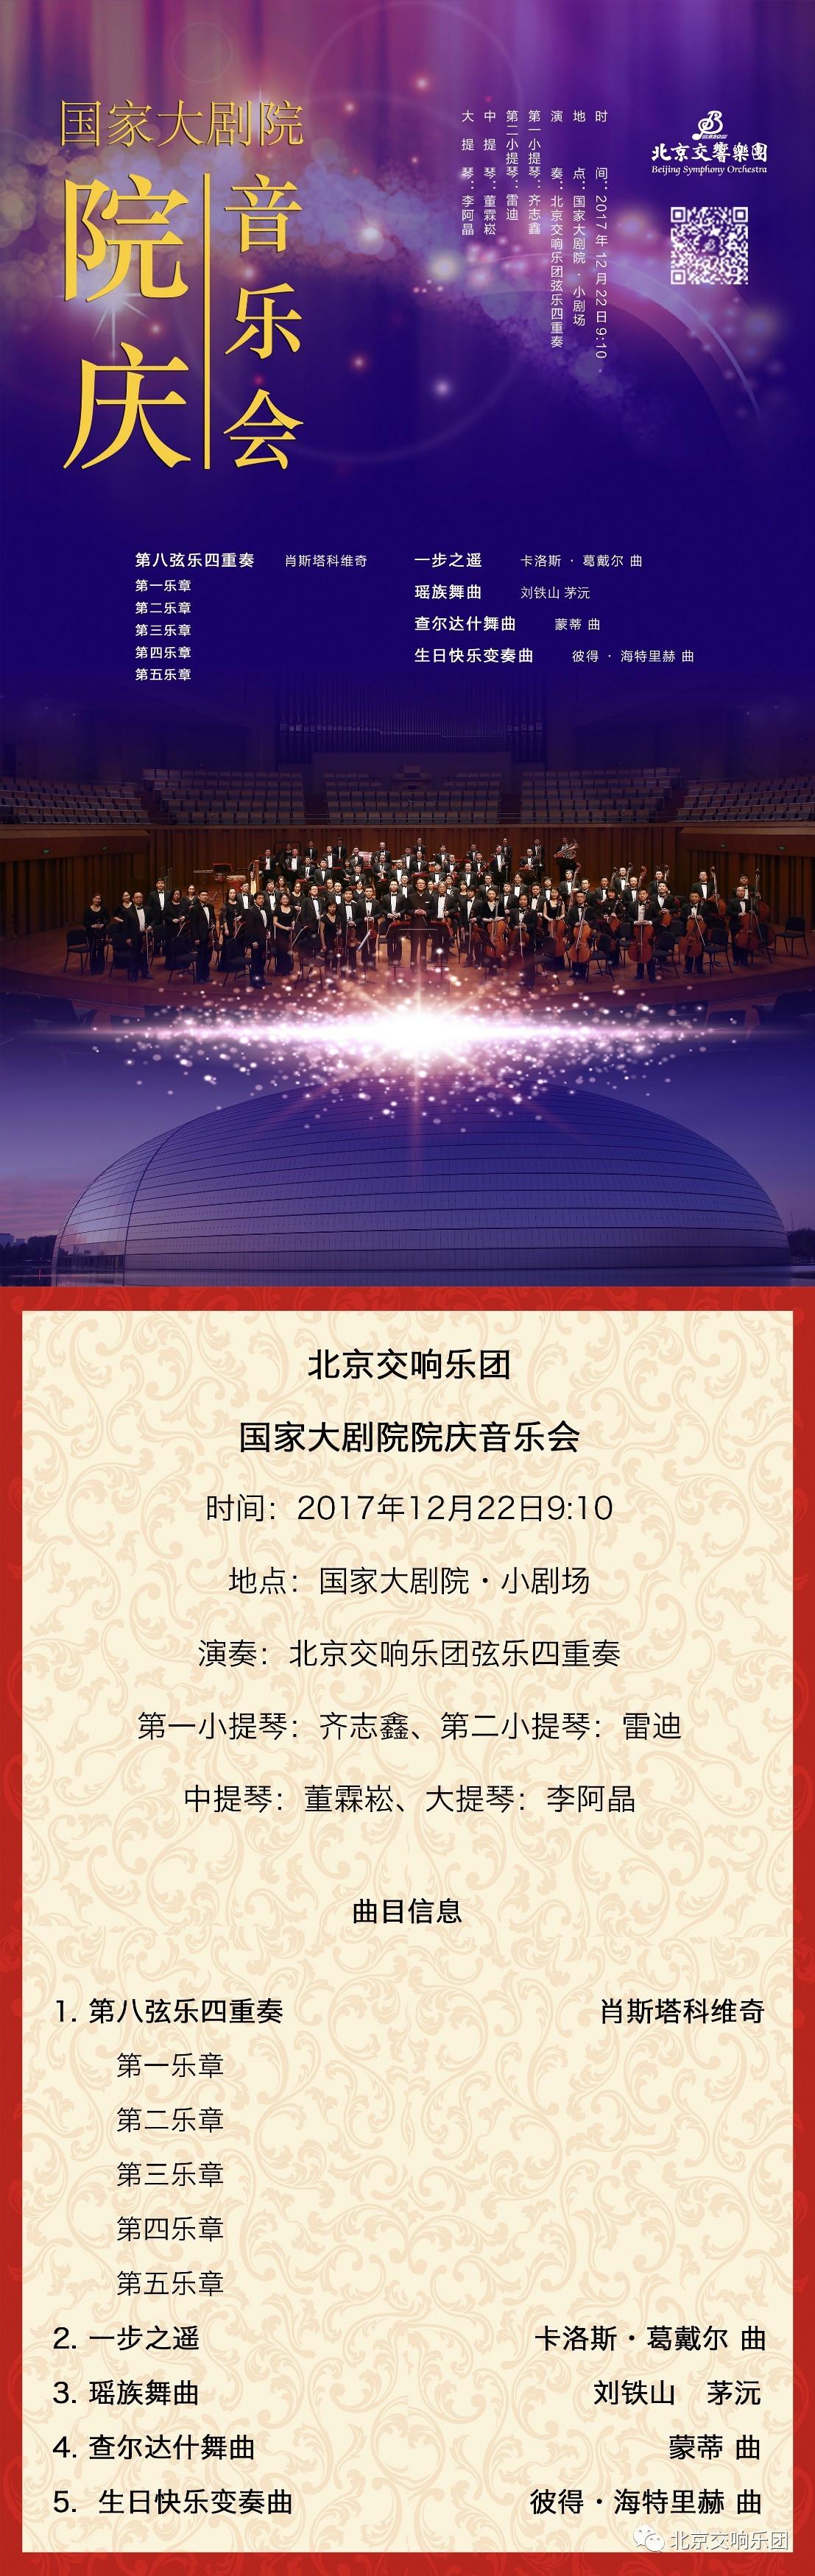 《第八弦乐四重奏》,《一步之遥》,《瑶族舞曲》,《查尔达什舞曲》曲